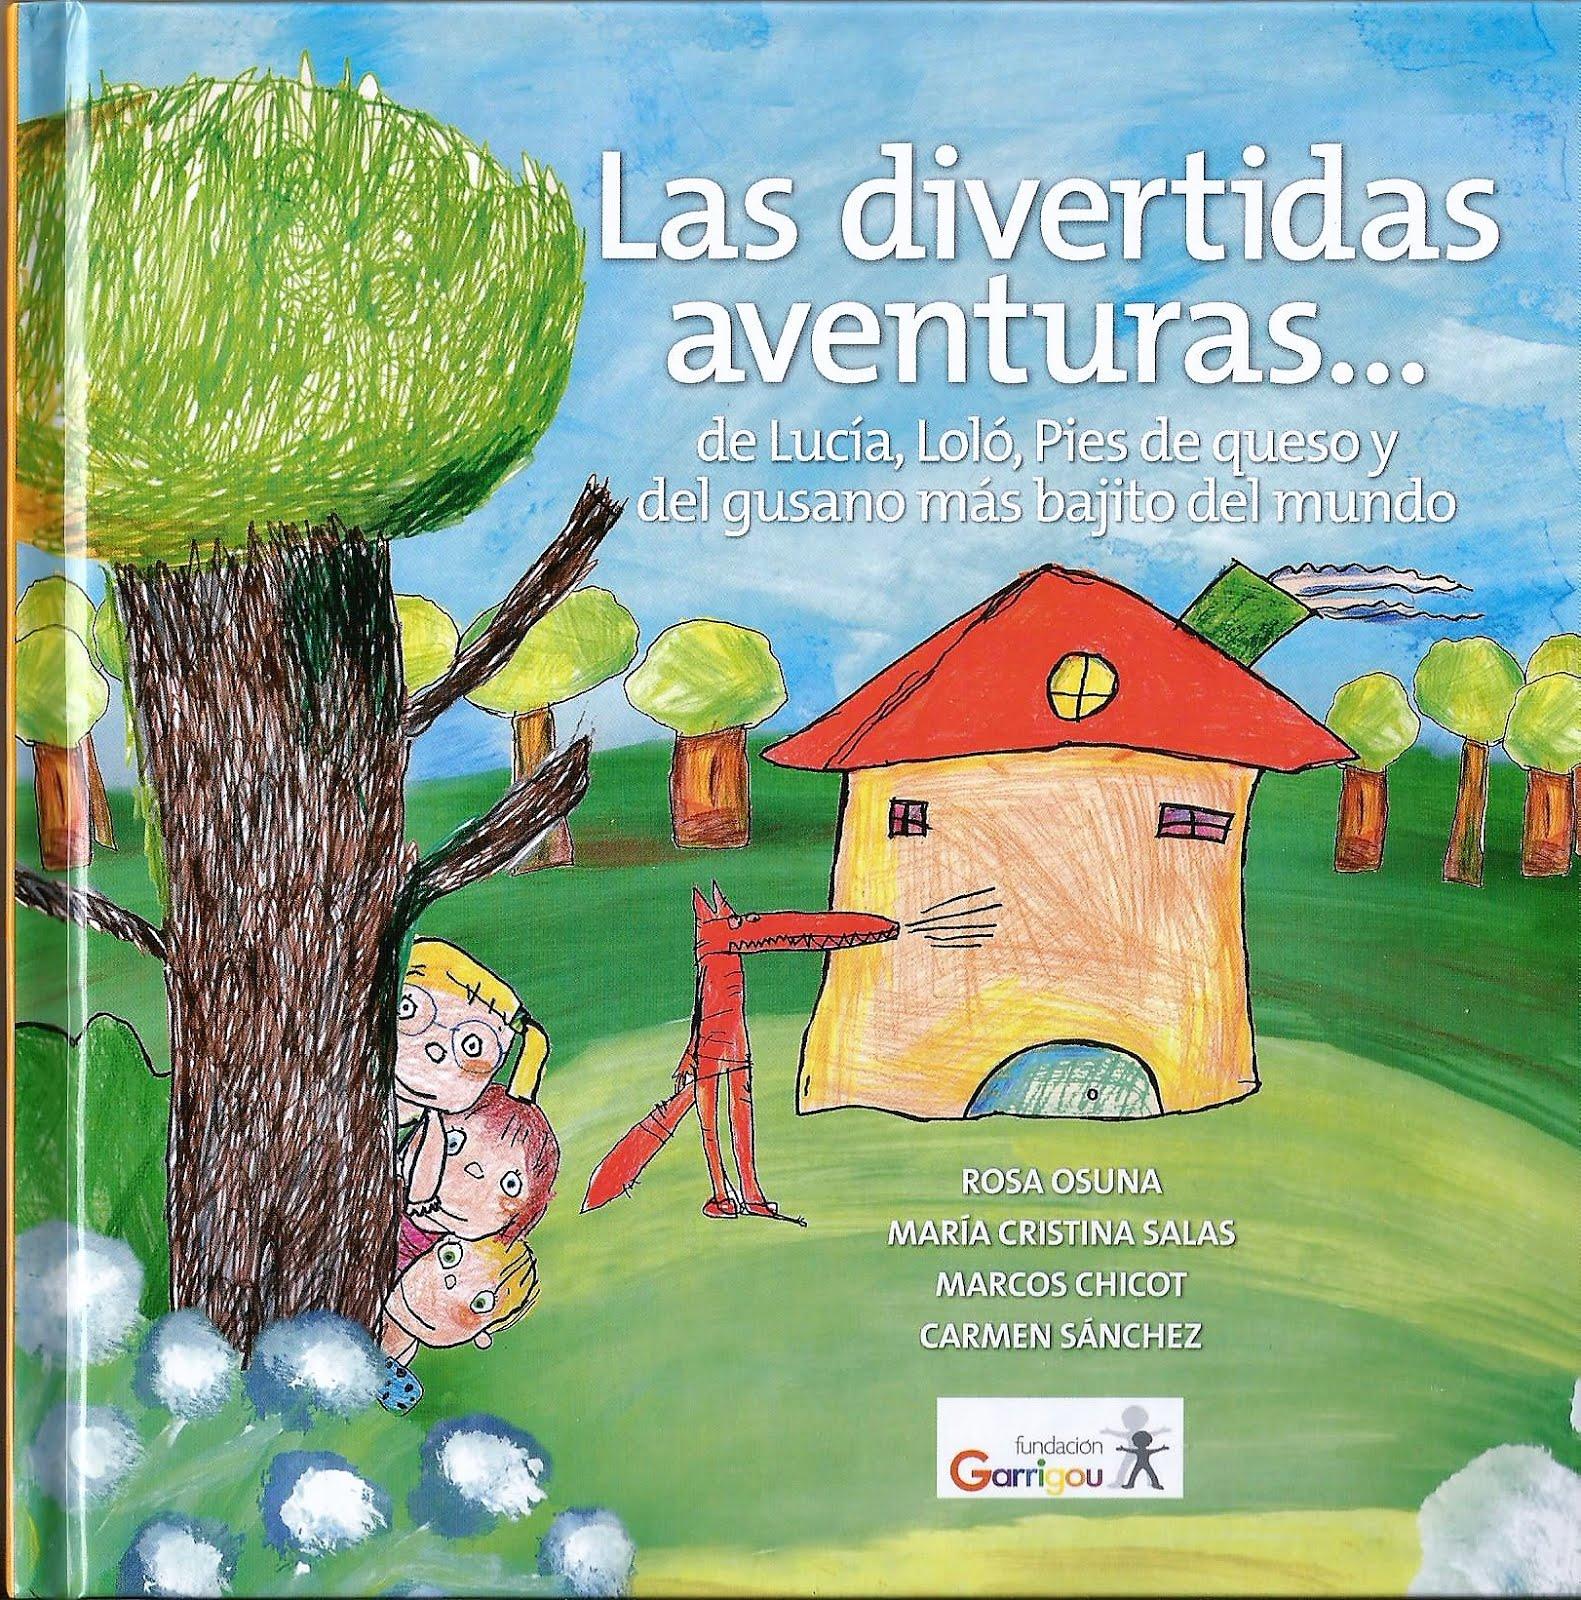 Las divertidas aventuras de Lucía, Loló, Pies de queso y del gusano más bajito del mundo